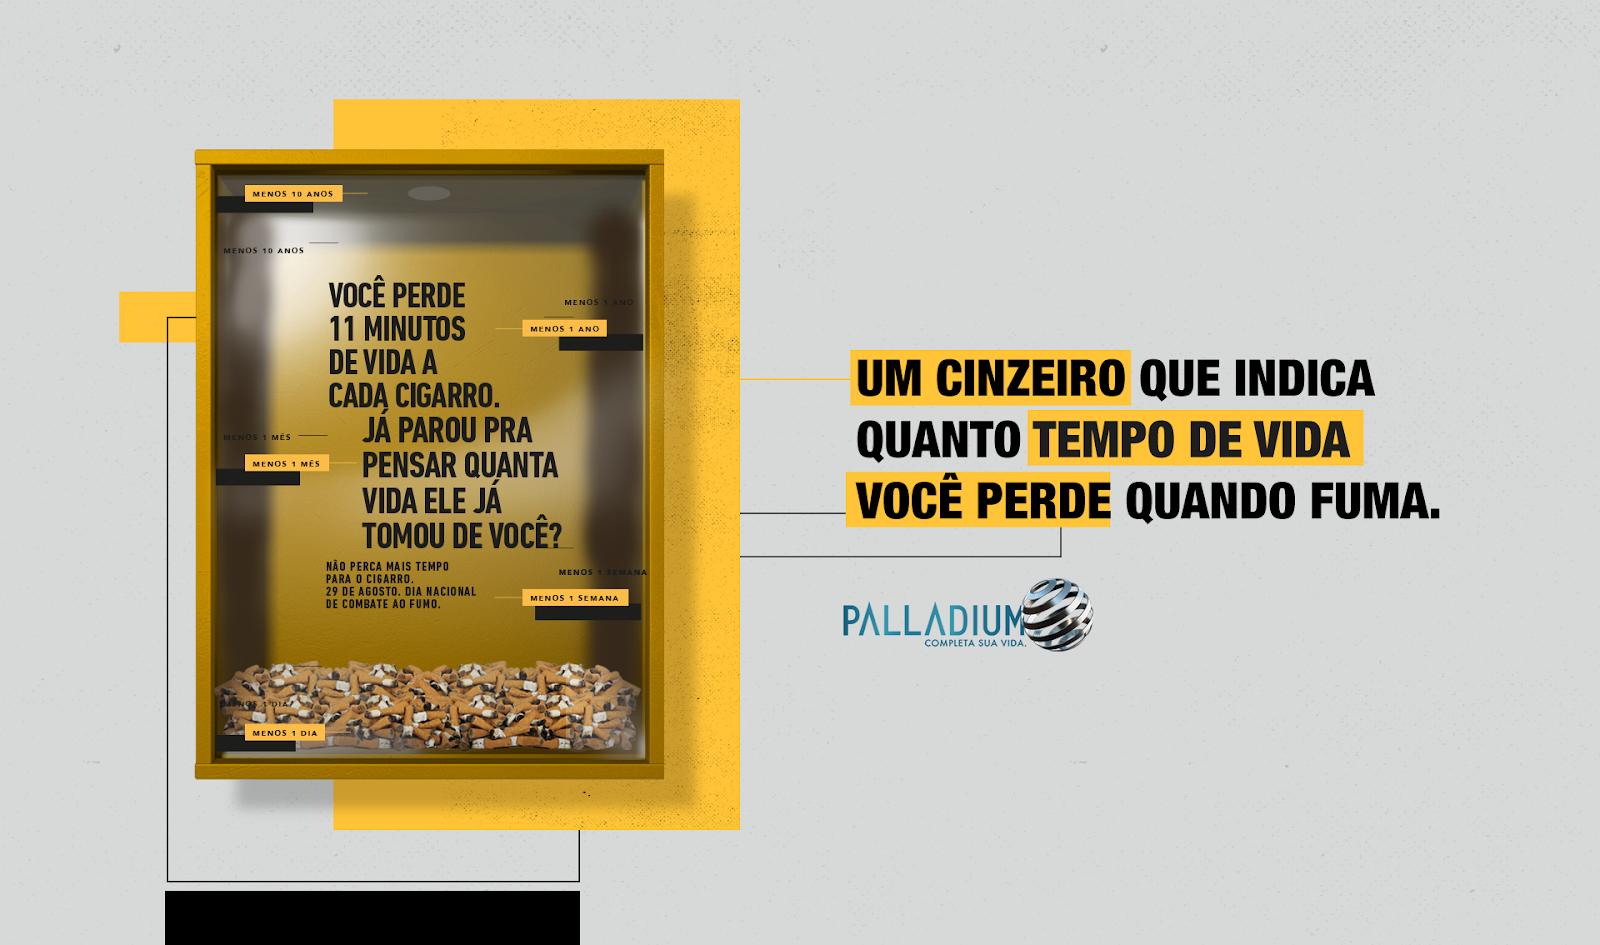 Papa Bituca E Adesivos De Nicotina Com Frases De Incentivo No